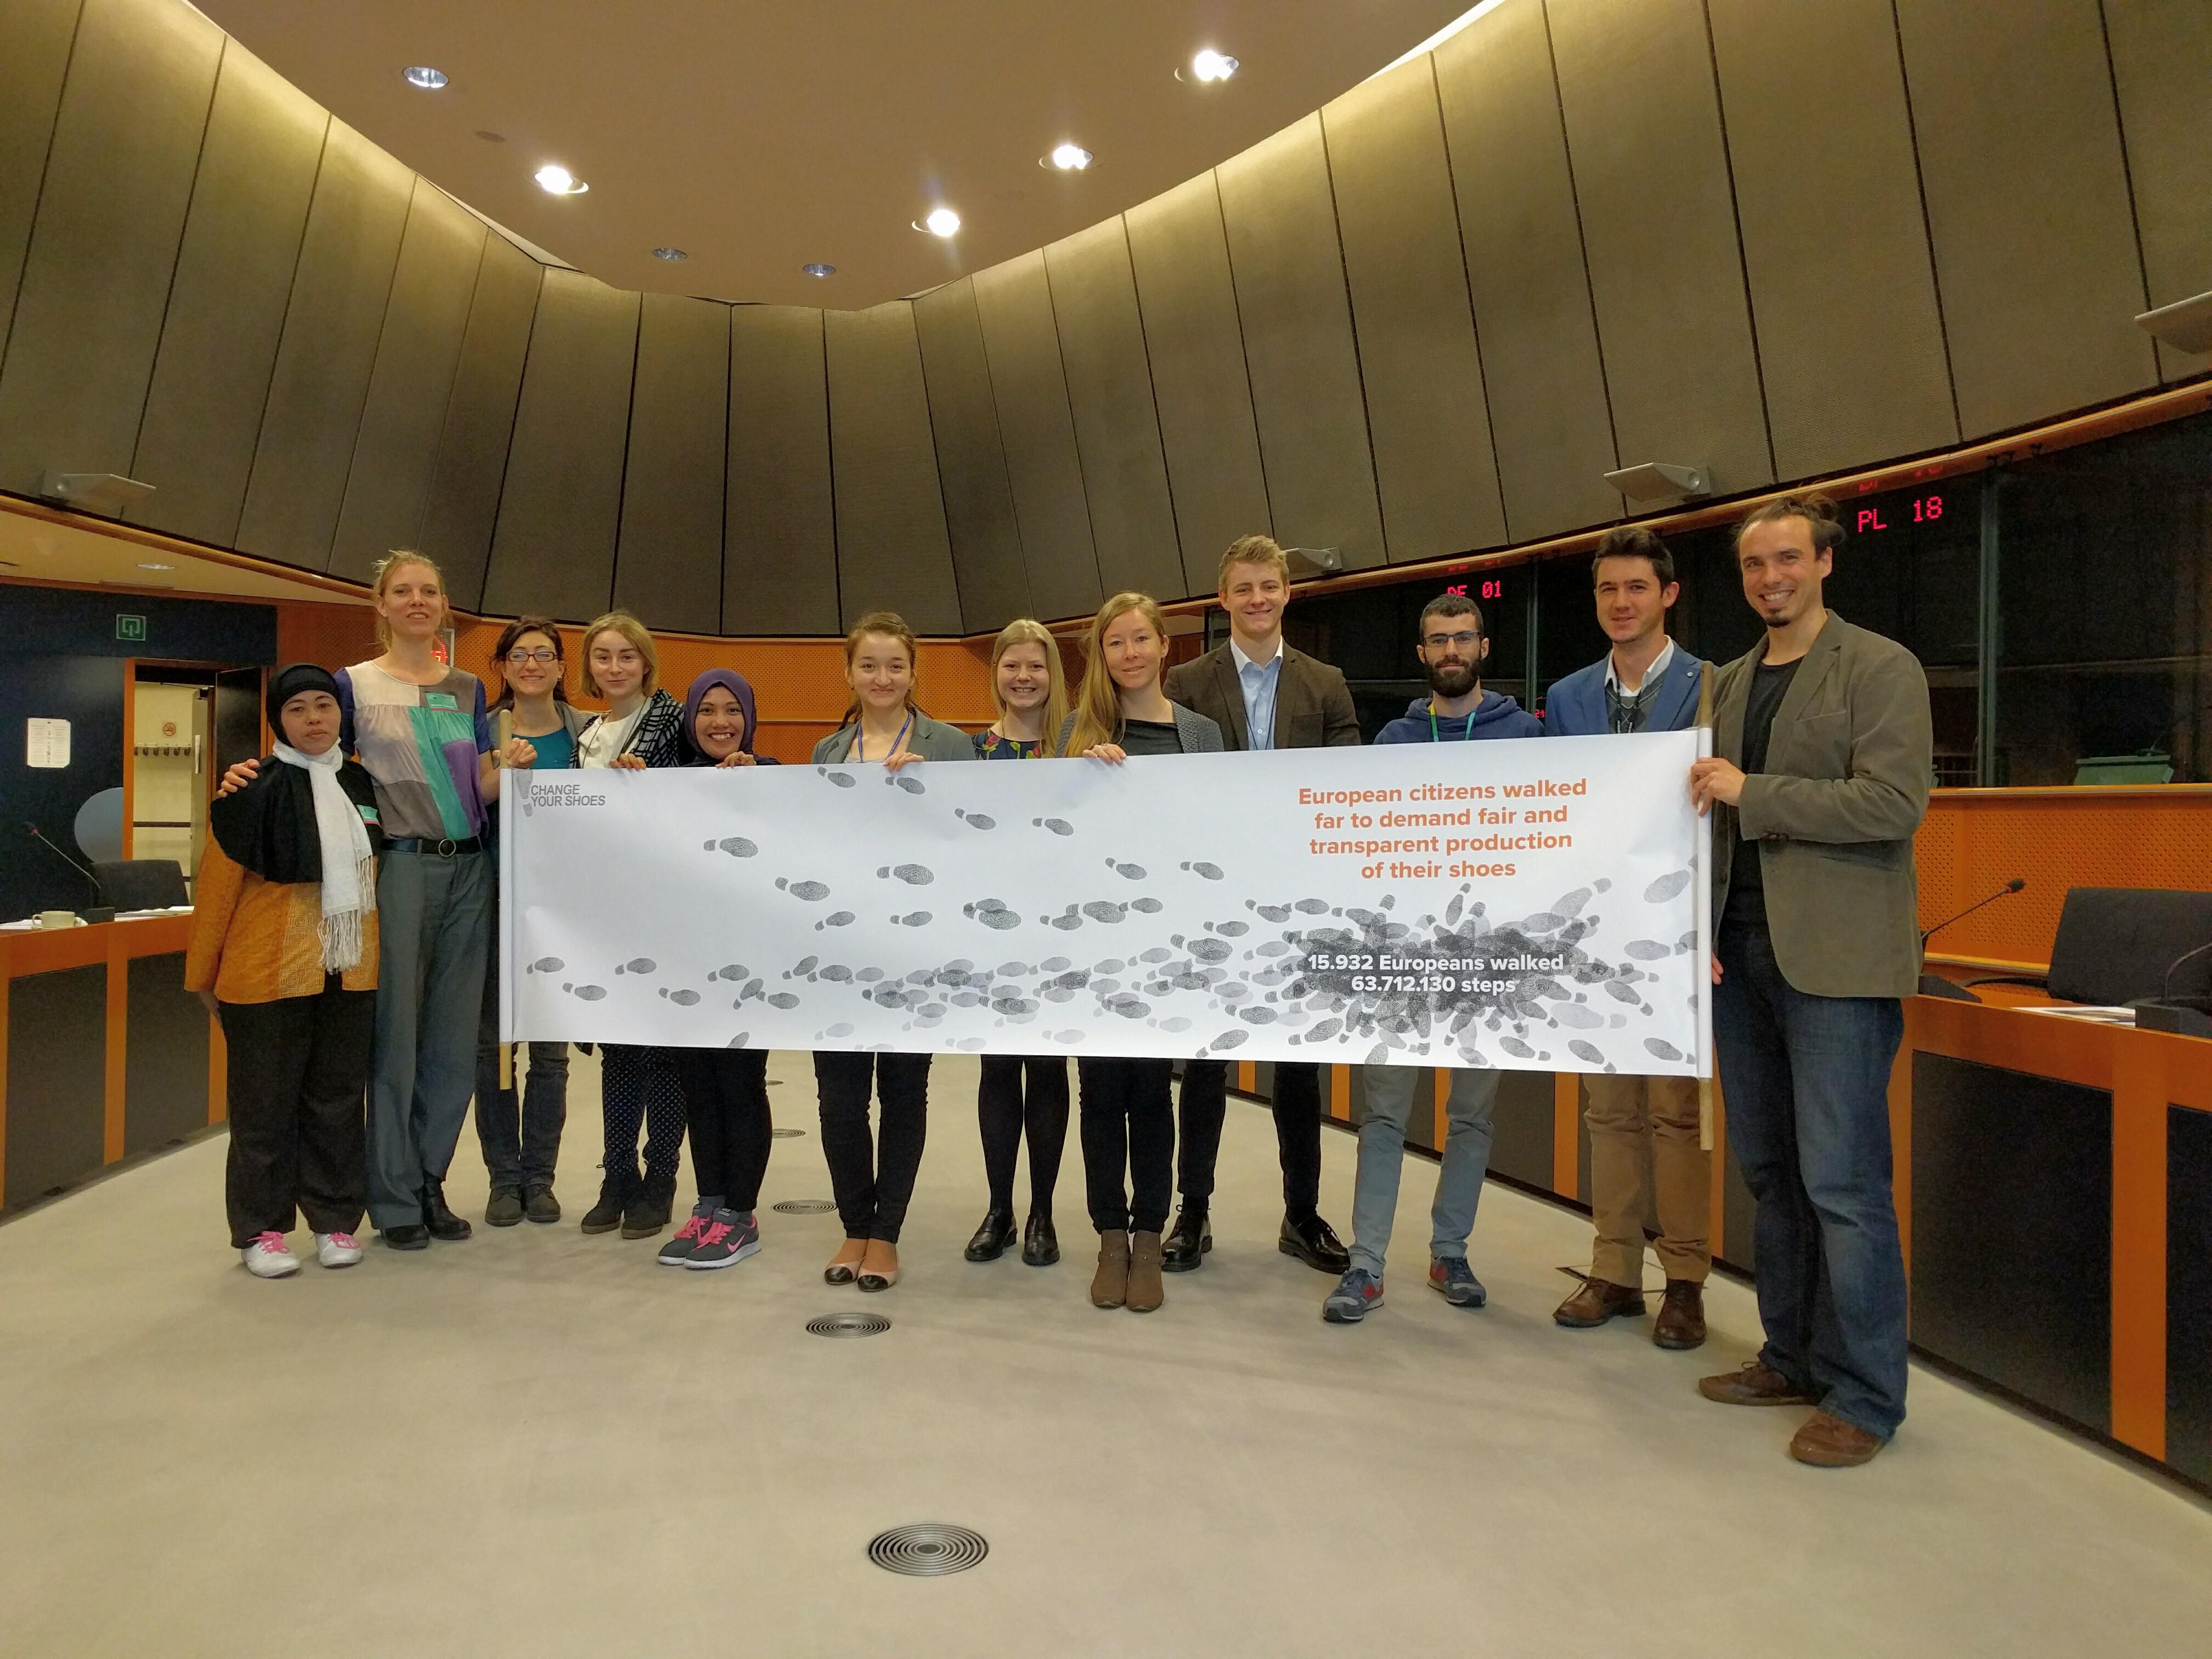 Una delegación del consorcio Cambia Tus Zapatos llevó las demandas de la campaña al Parlamento Europeo